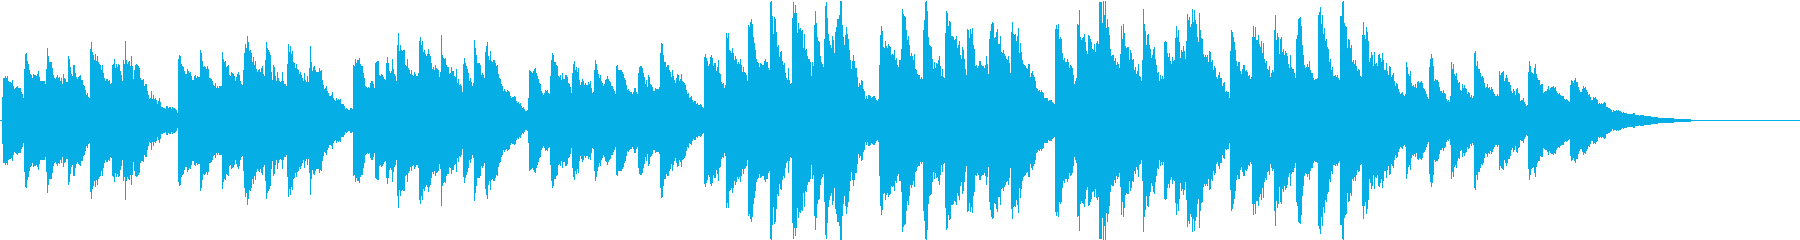 時報・チャイム風の名曲のメロディ・27の再生済みの波形